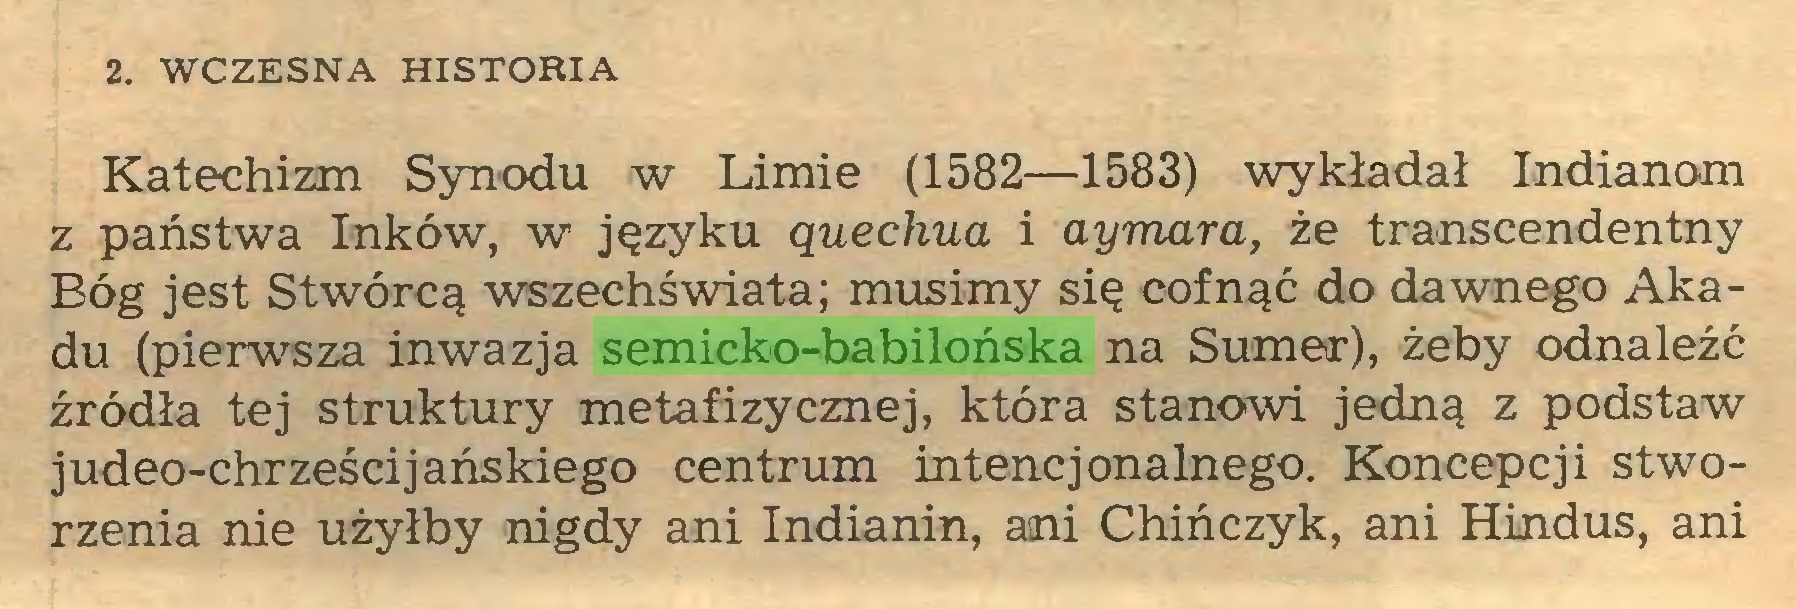 (...) 2. WCZESNA HISTORIA Katechizm Synodu w Limie (1582—1583) wykładał Indianom z państwa Inków, w języku ąuechua i aymara, że transcendentny Bóg jest Stwórcą wszechświata; musimy się cofnąć do dawnego Akadu (pierwsza inwazja semicko-babilońska na Sumer), żeby odnaleźć źródła tej struktury metafizycznej, która stanowi jedną z podstaw judeo-chrześcijańsłdego centrum intencjonalnego. Koncepcji stworzenia nie użyłby nigdy ani Indianin, ani Chińczyk, ani Hindus, ani...